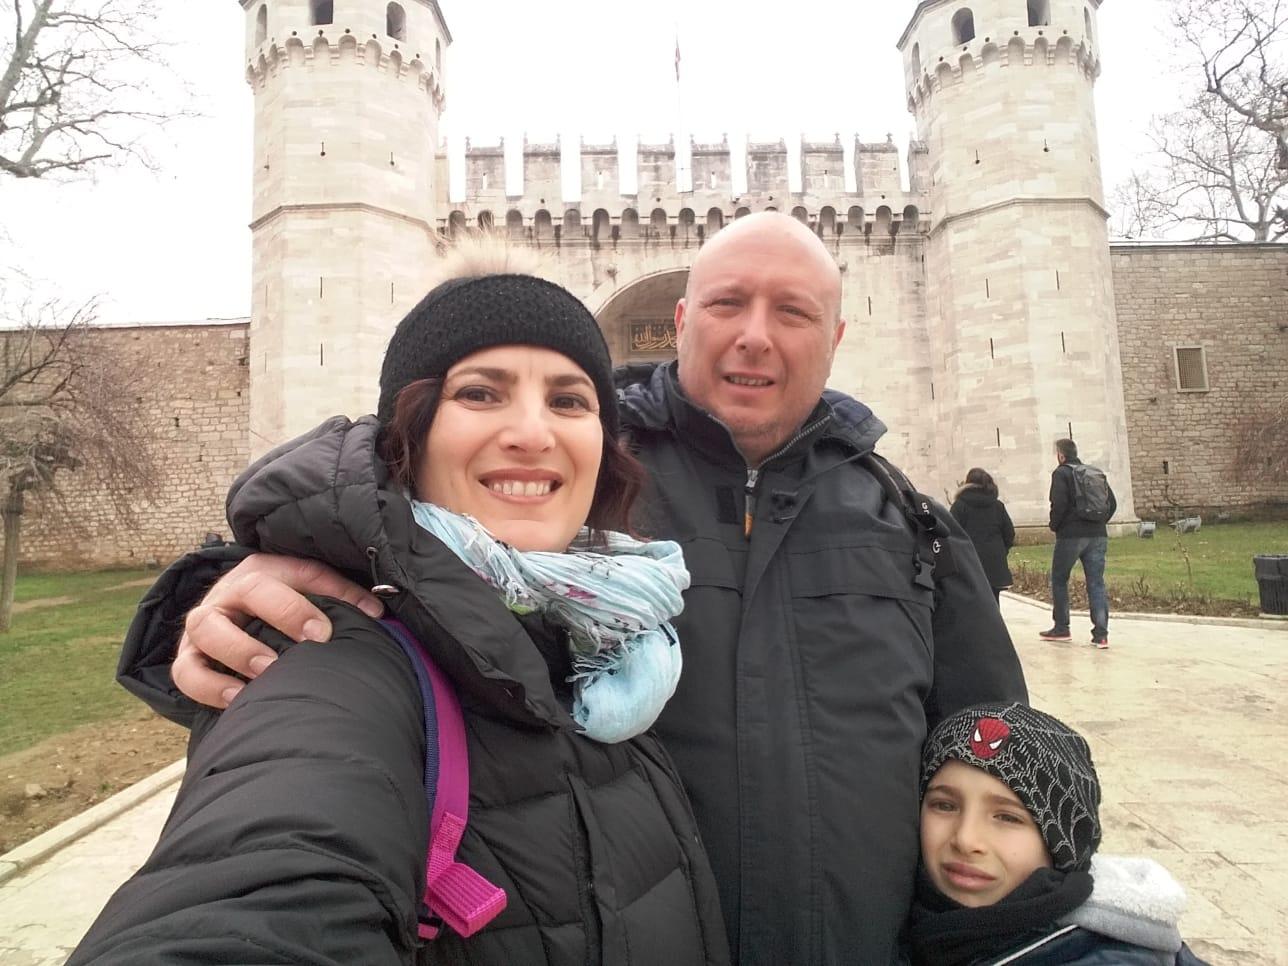 ISTANBUL DAL 19 AL 22 FEBBRAIO 2019 Andrea, Tiziana ed Alessandro #concorsofotograficoviaggicarmen2019